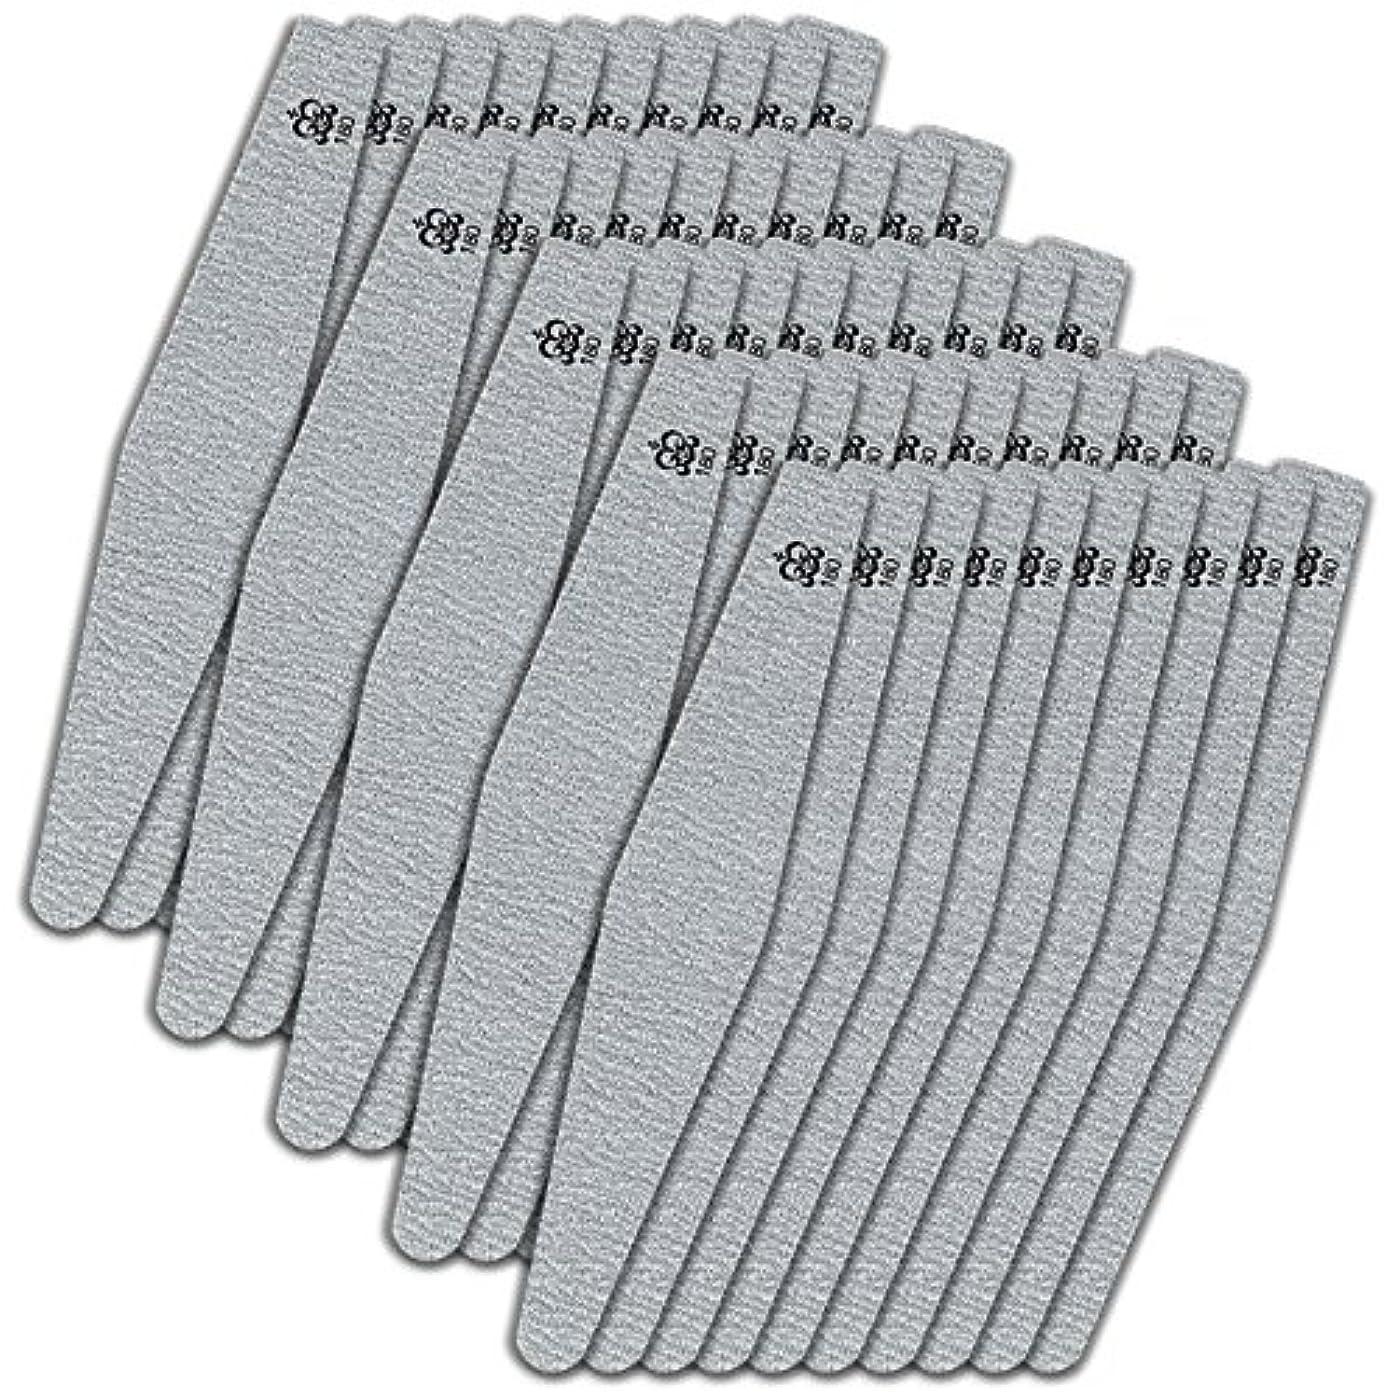 簡単に出費アクセスできないミクレア(MICREA) ミクレア プロフェッショナルファイル バリューパック ダイヤ型 180G 50本入